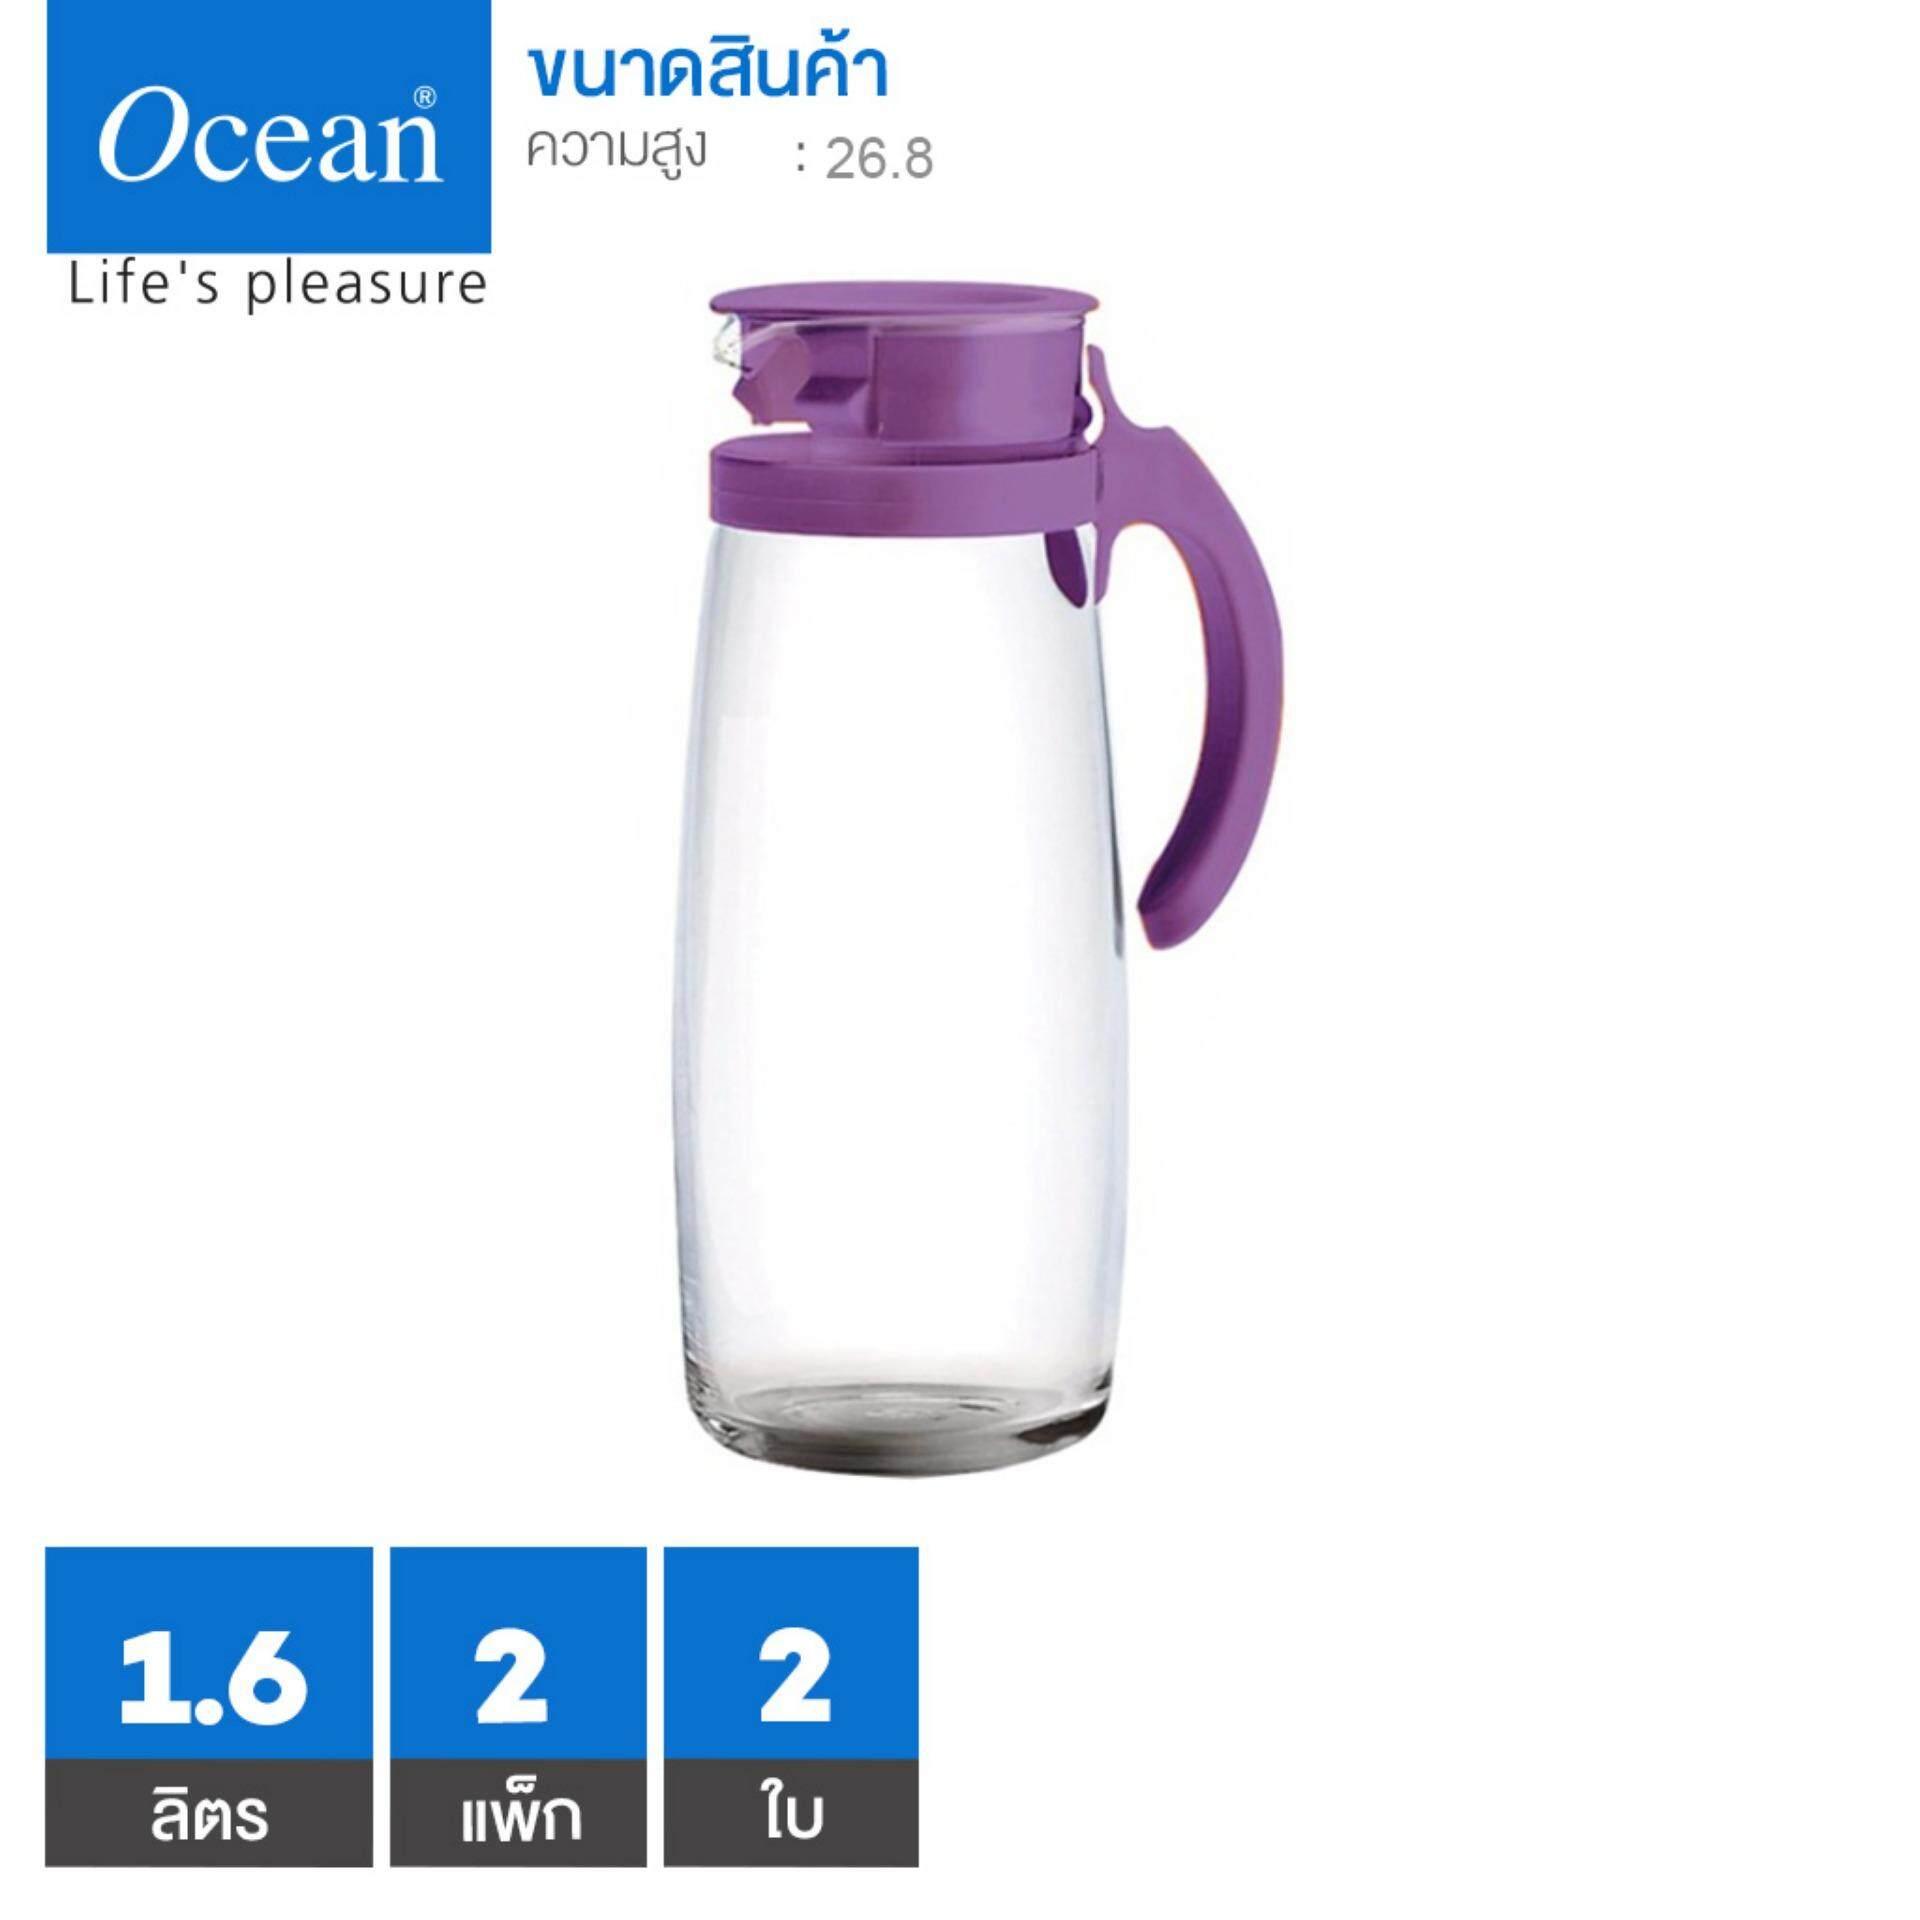 ขาย Ocean Glass เหยือกแก้ว รุ่น Divano Pitcher ขนาด 1 6 ลิตร Violet 2 ใบ Ocean Glass